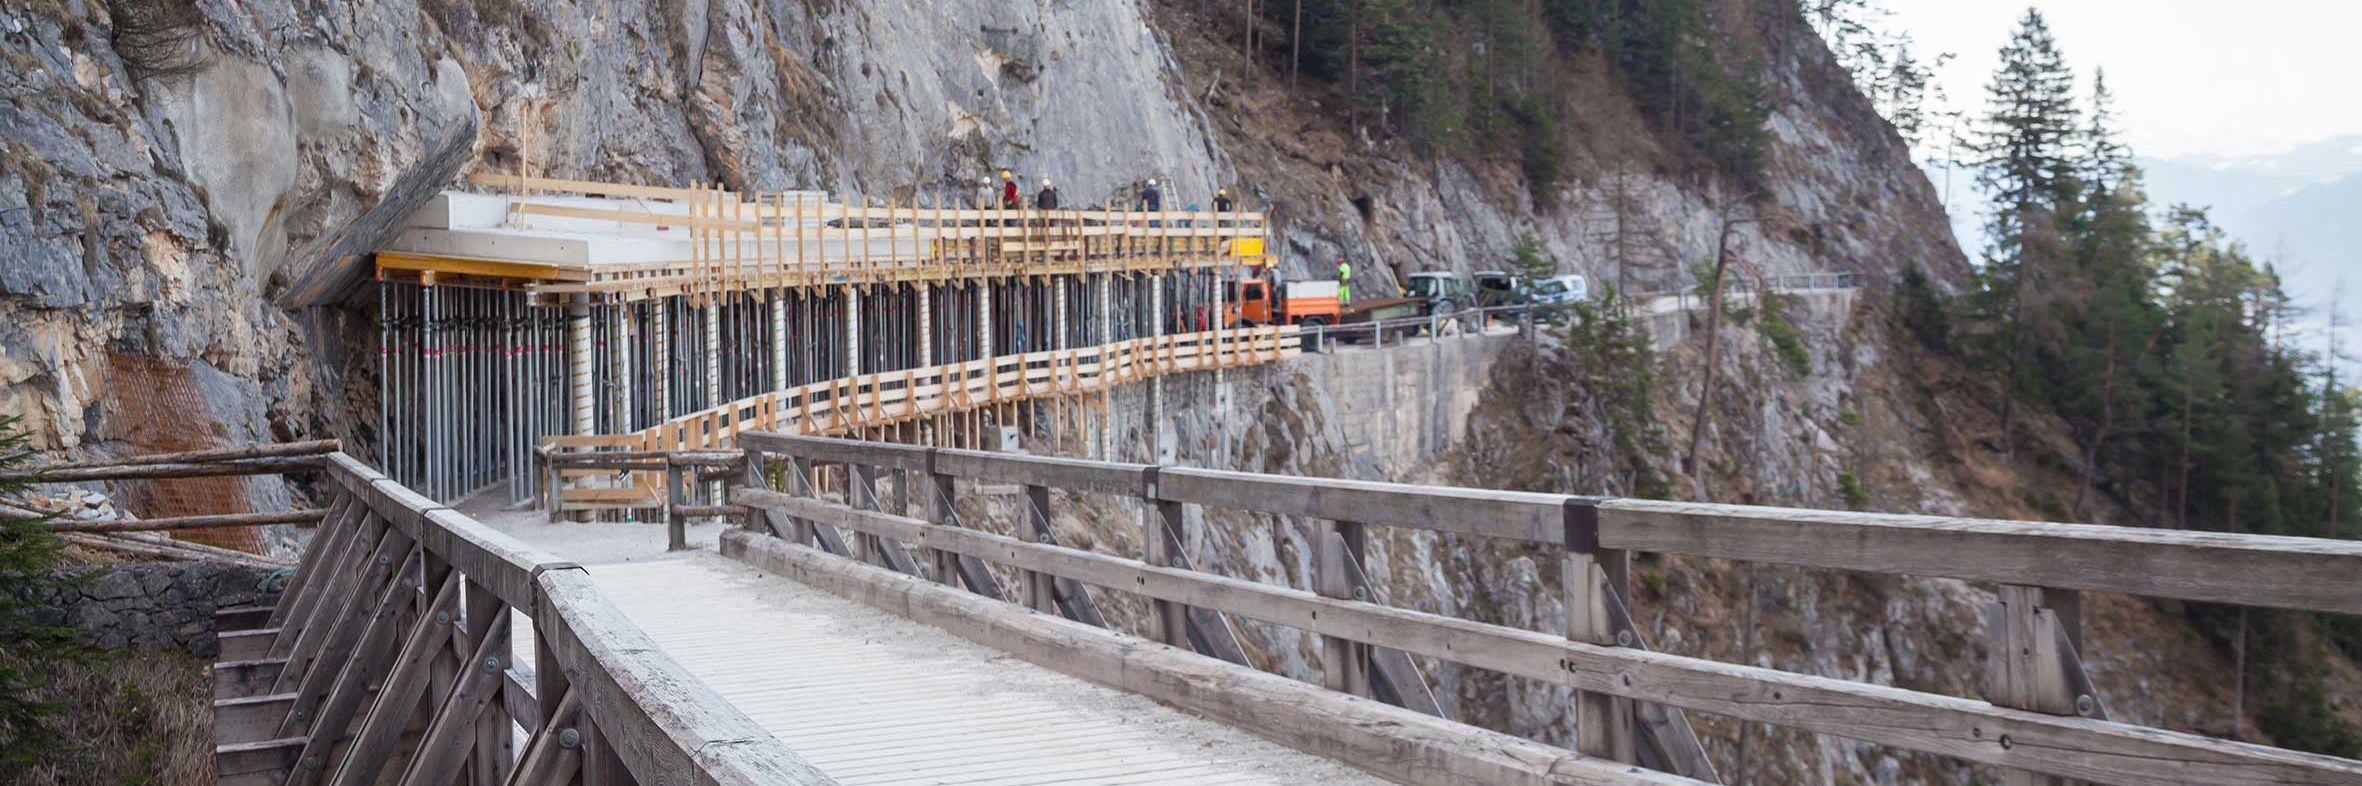 Steinschlagschutz für weltgrösste Eishöhle errichtet Slider